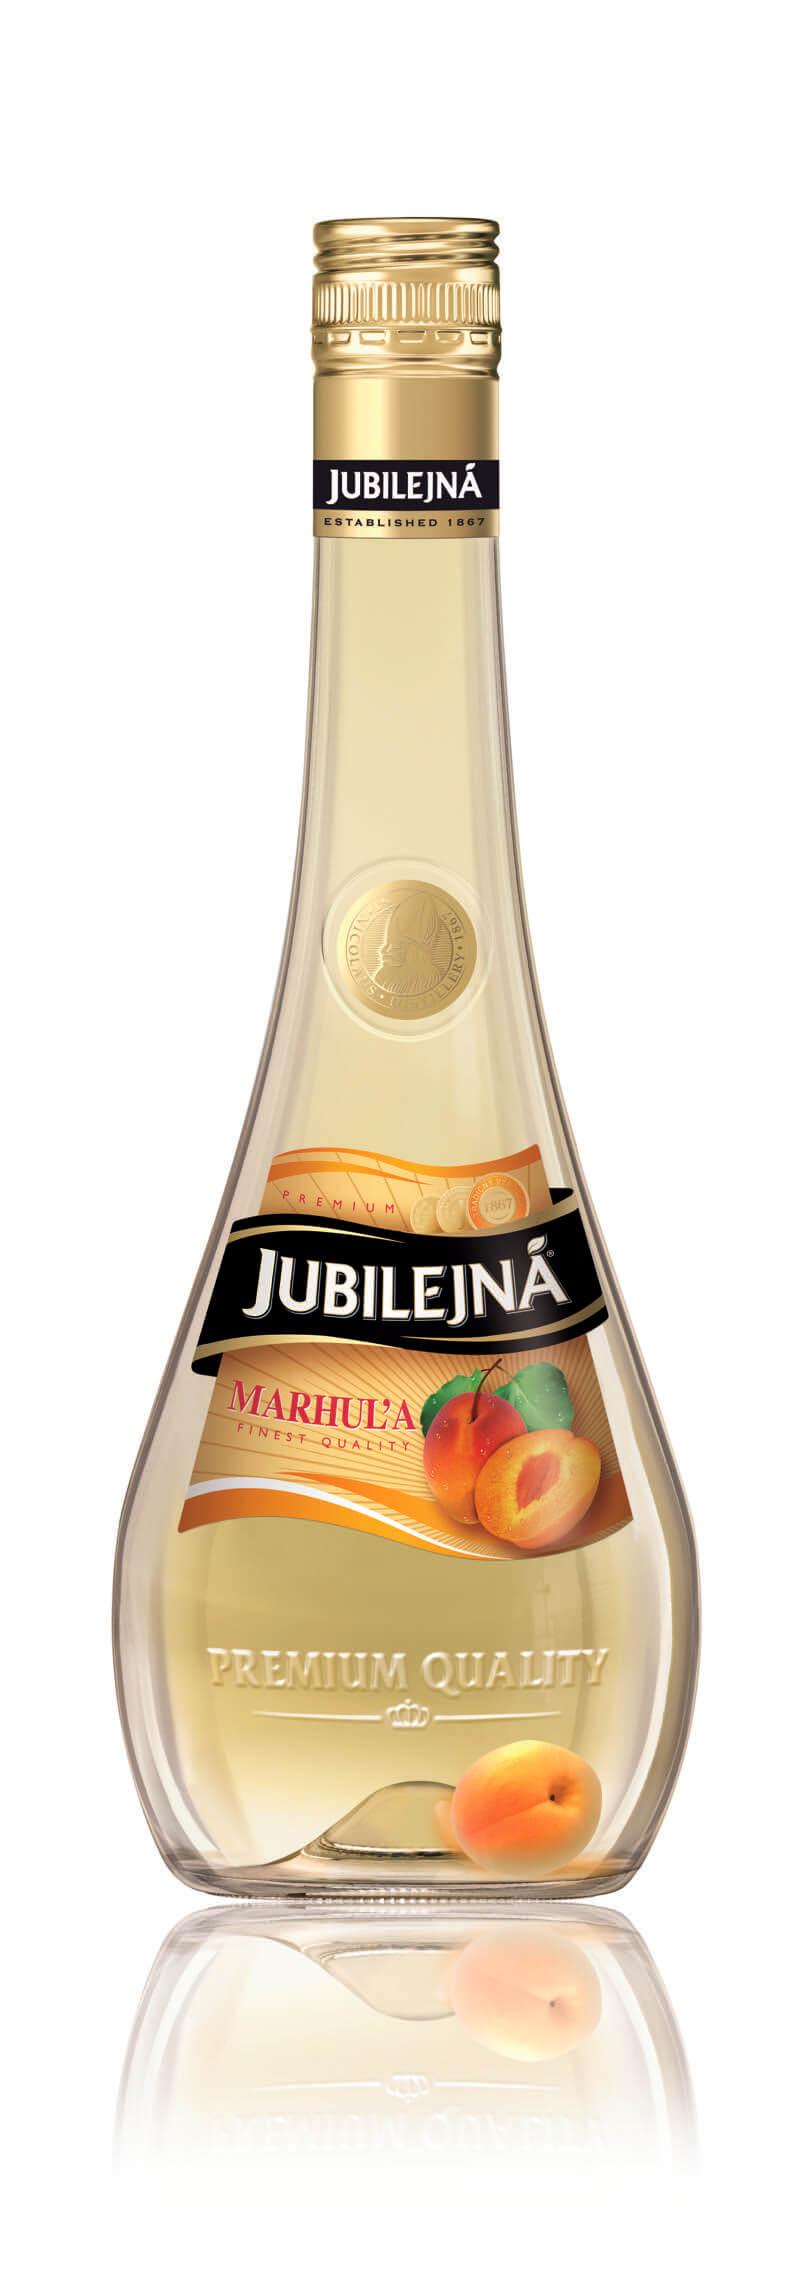 Jubilejná Marhuľa 40% 0,7l